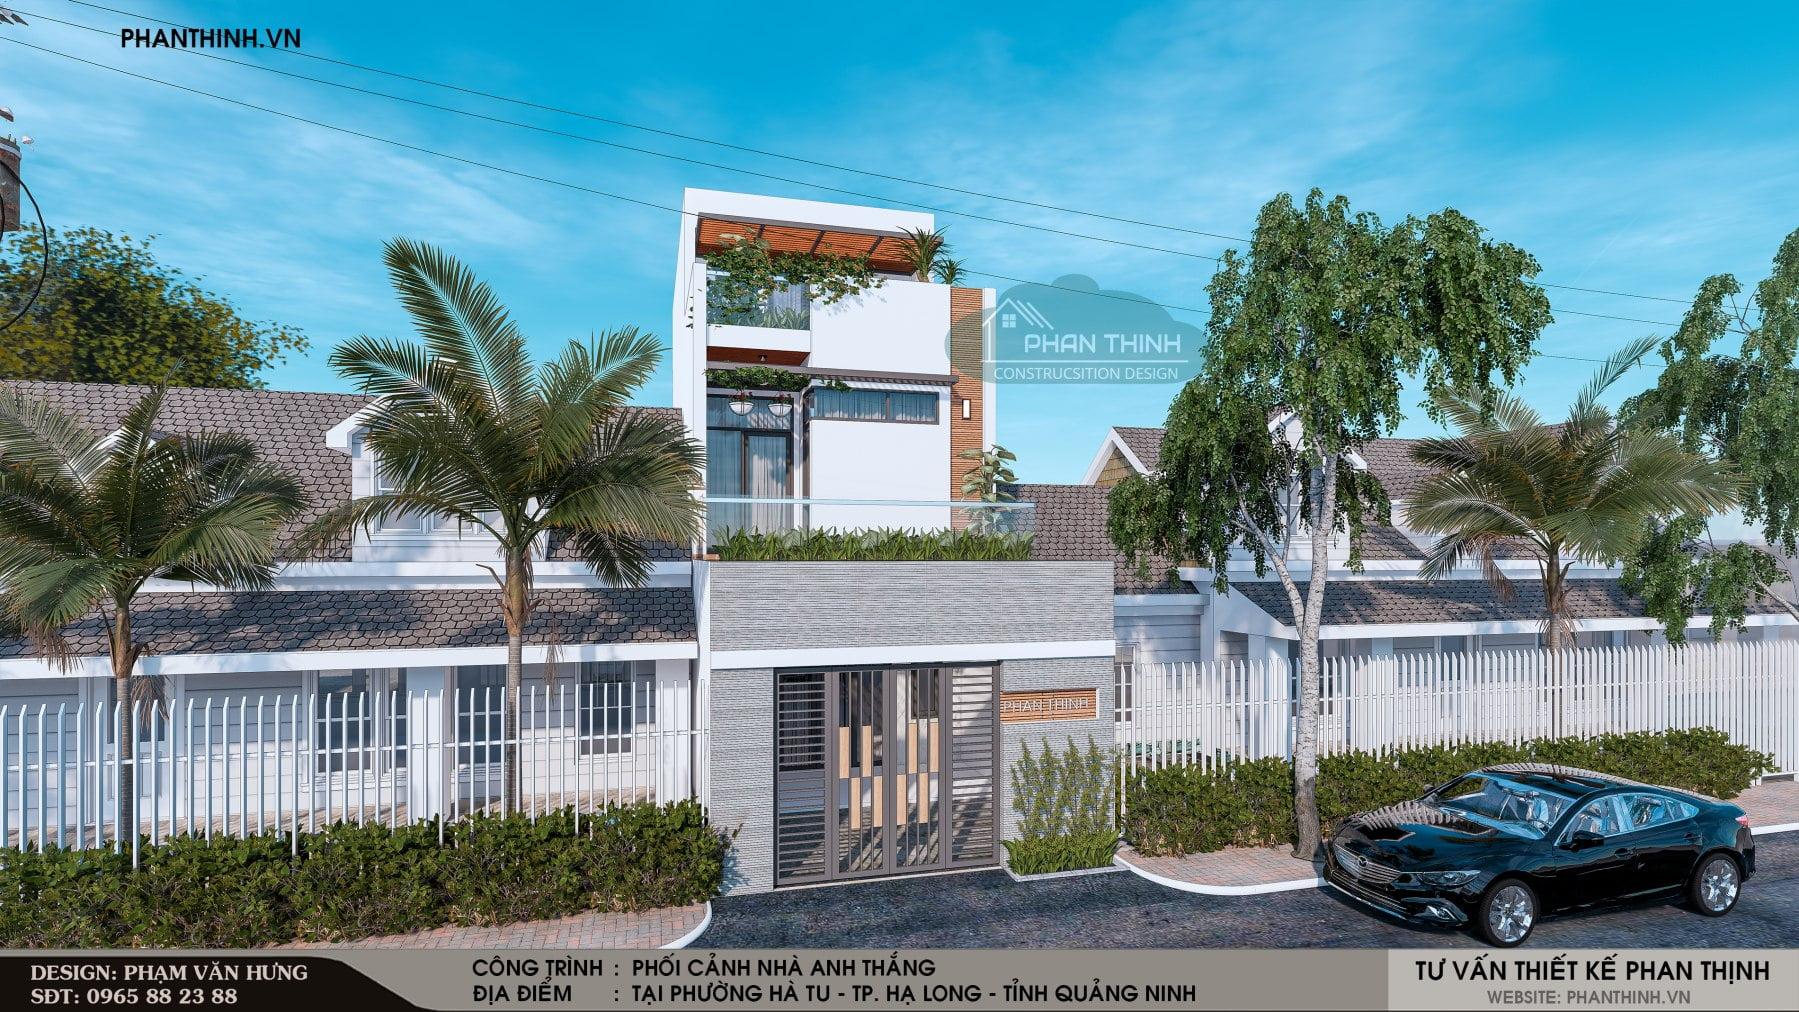 Thiết kế mặt tiền căn nhà phố 2 tầng 1 tum đẹp tại Quảng Ninh